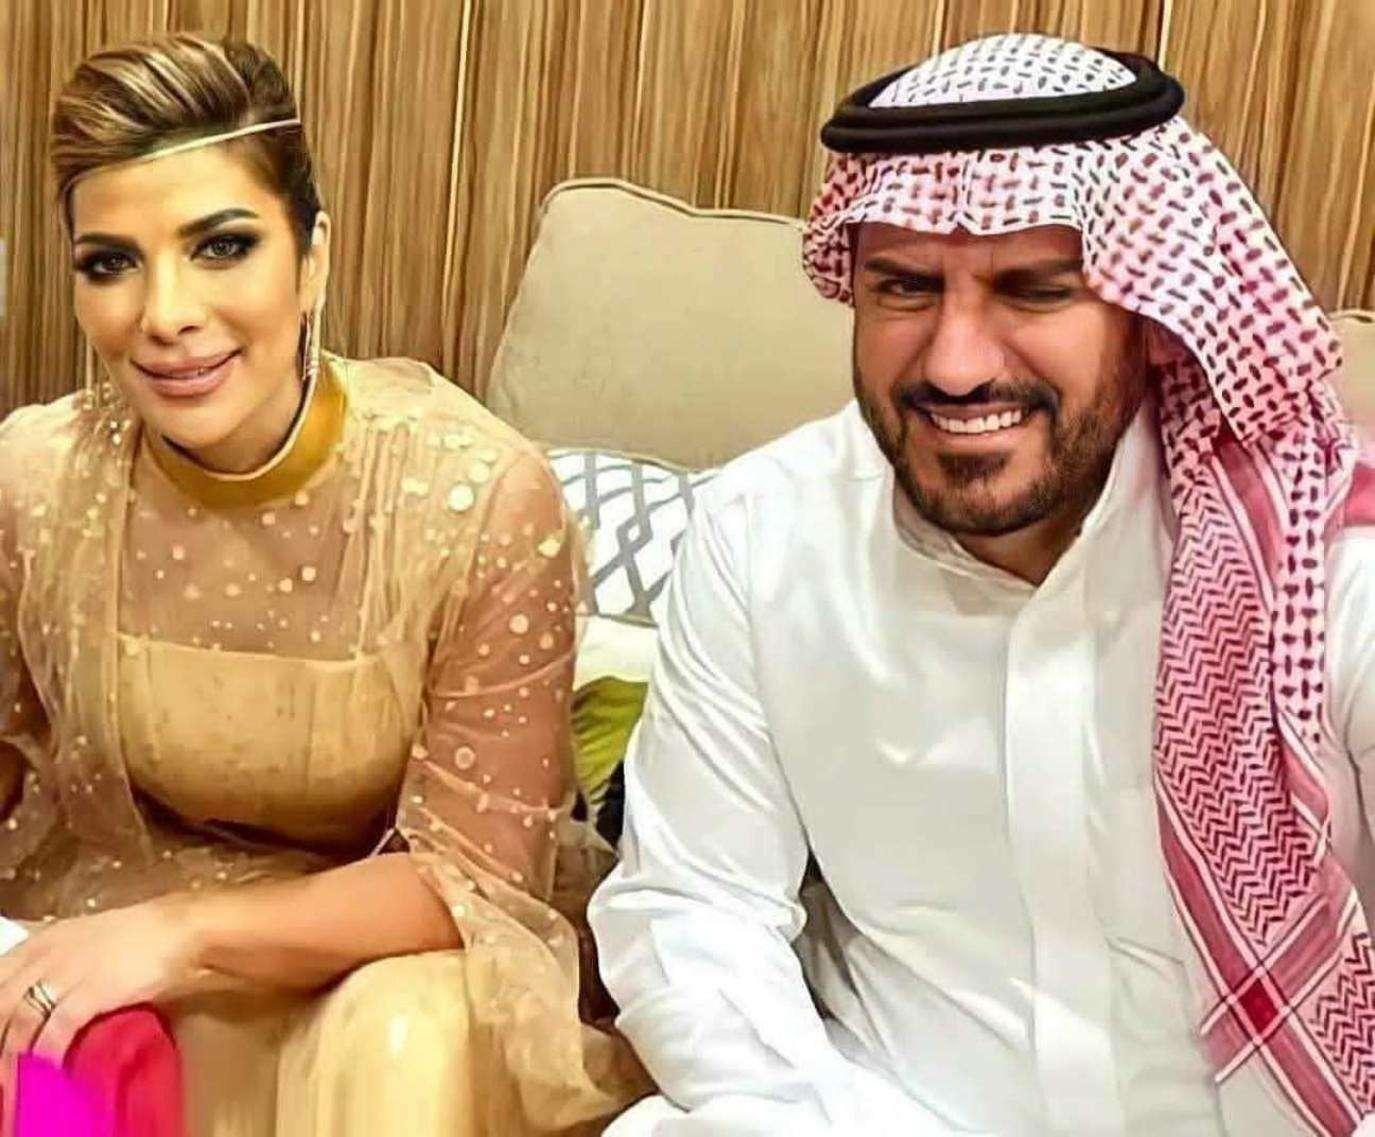 هل تعمدت أصالة إعلان زواجها ؟, صحيفة عربية -بروفايل نيوز